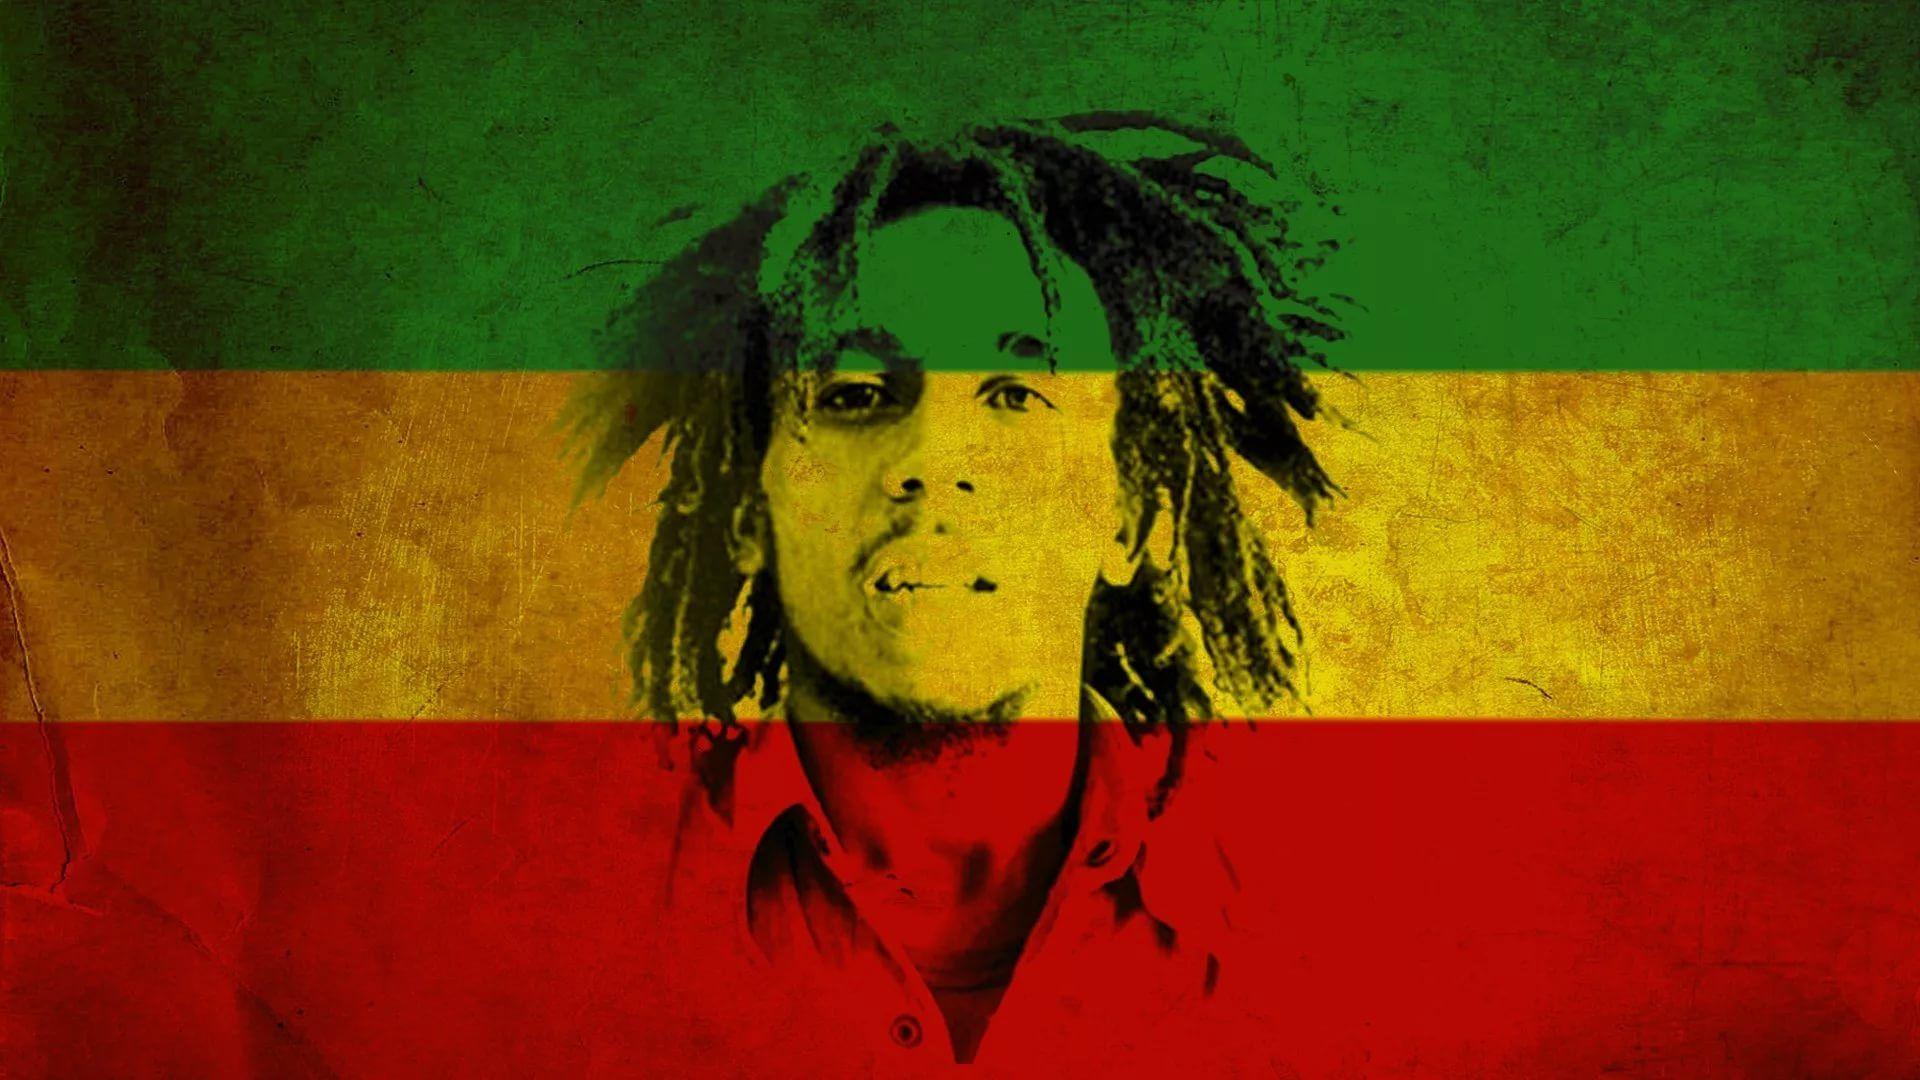 Bob Marley Wallpaper Image